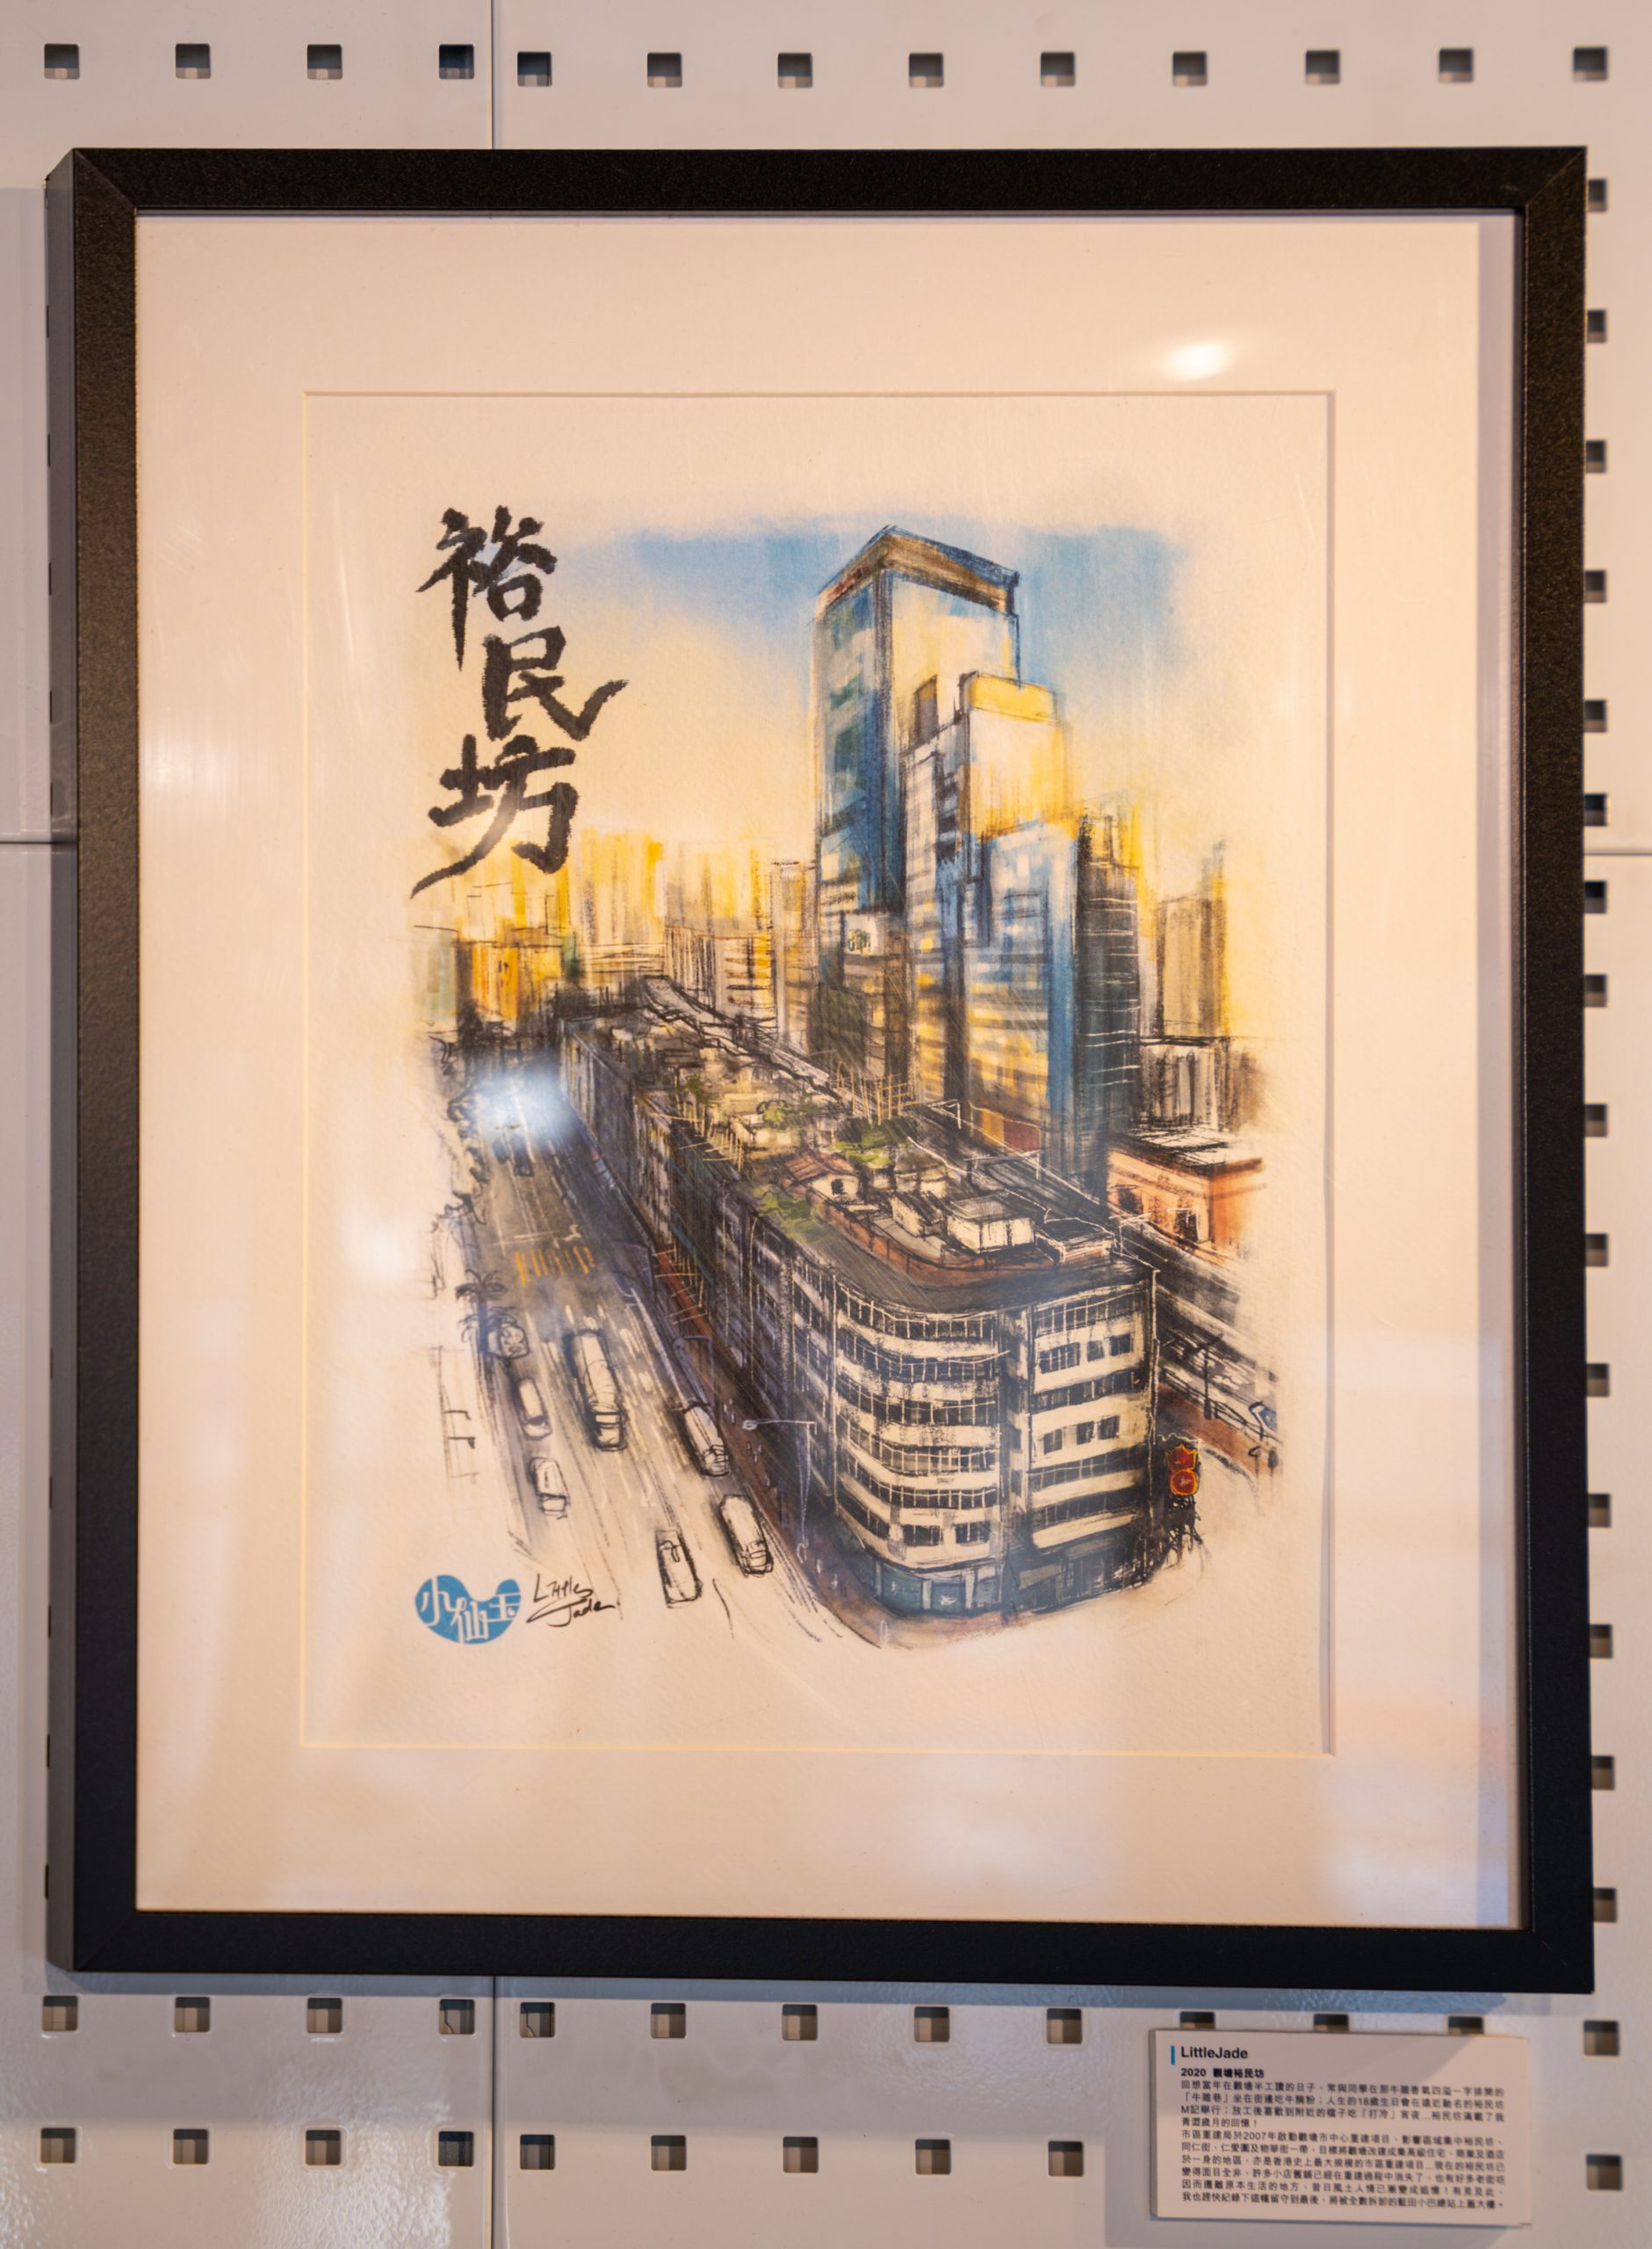 老香港設計展覽 畫下嘢 Contrast 速寫畫展 觀塘 裕民坊